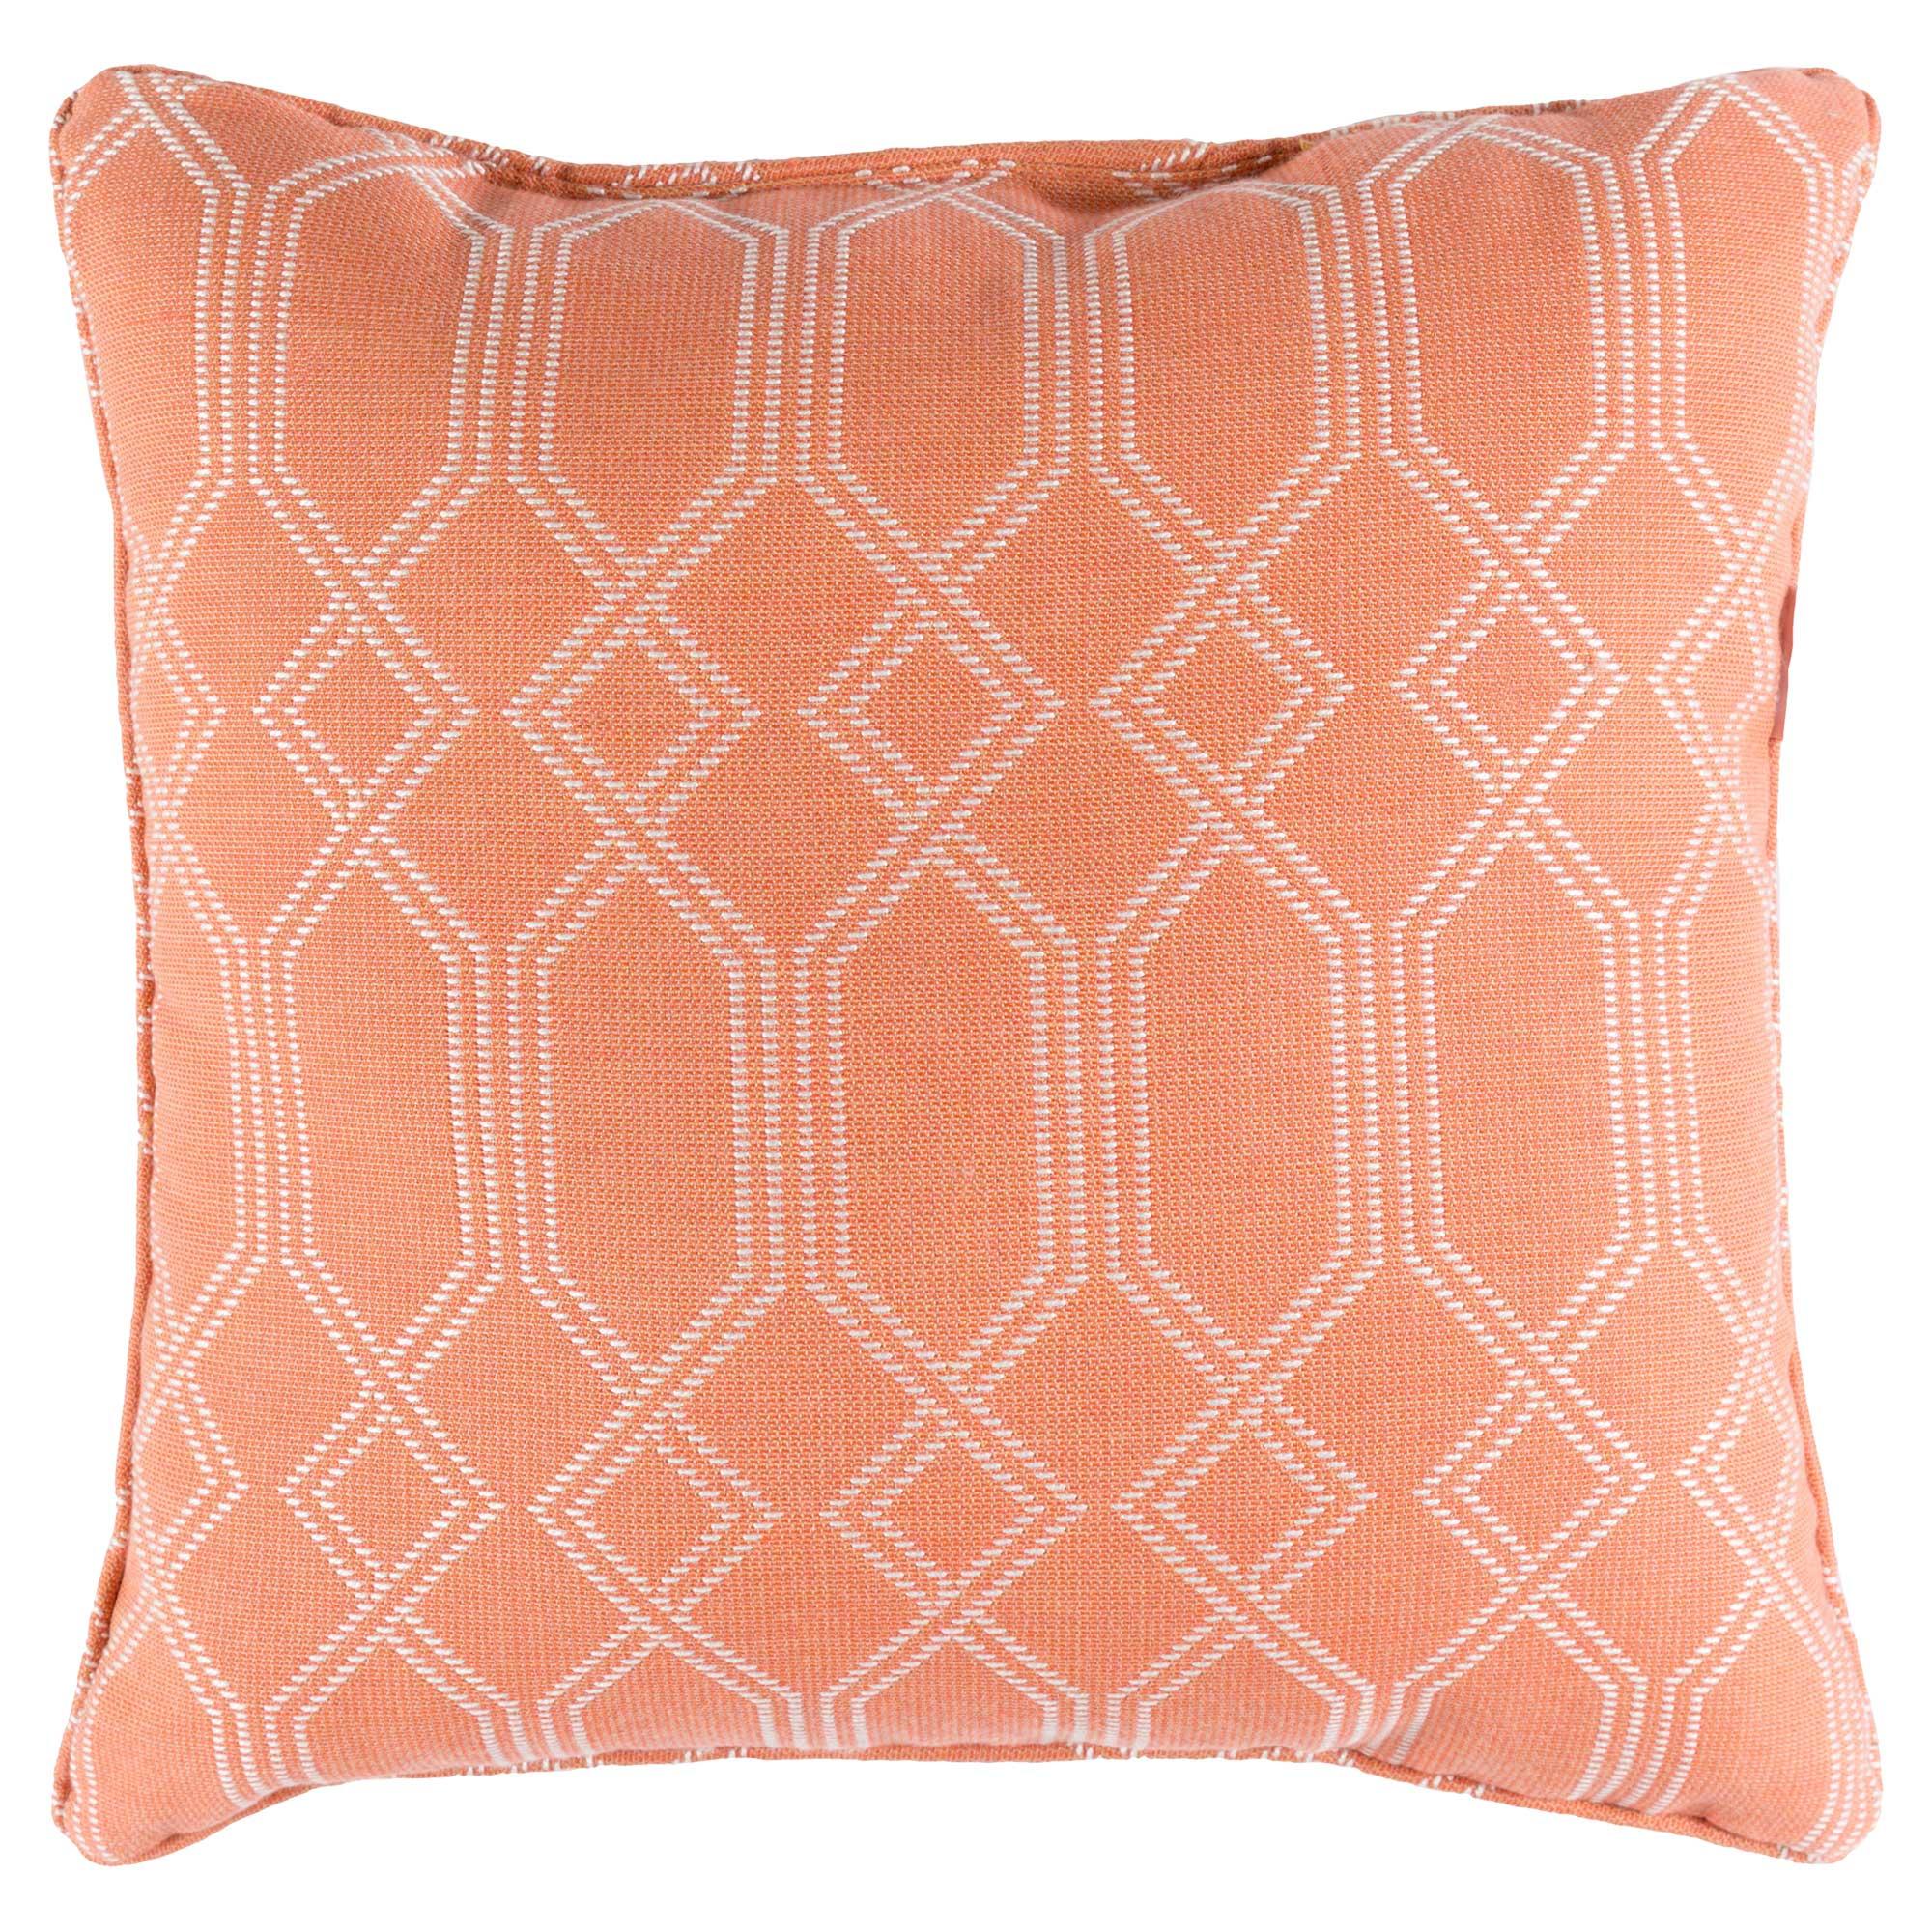 Coastal Beach Coral Trellis Outdoor Pillow - 20x20